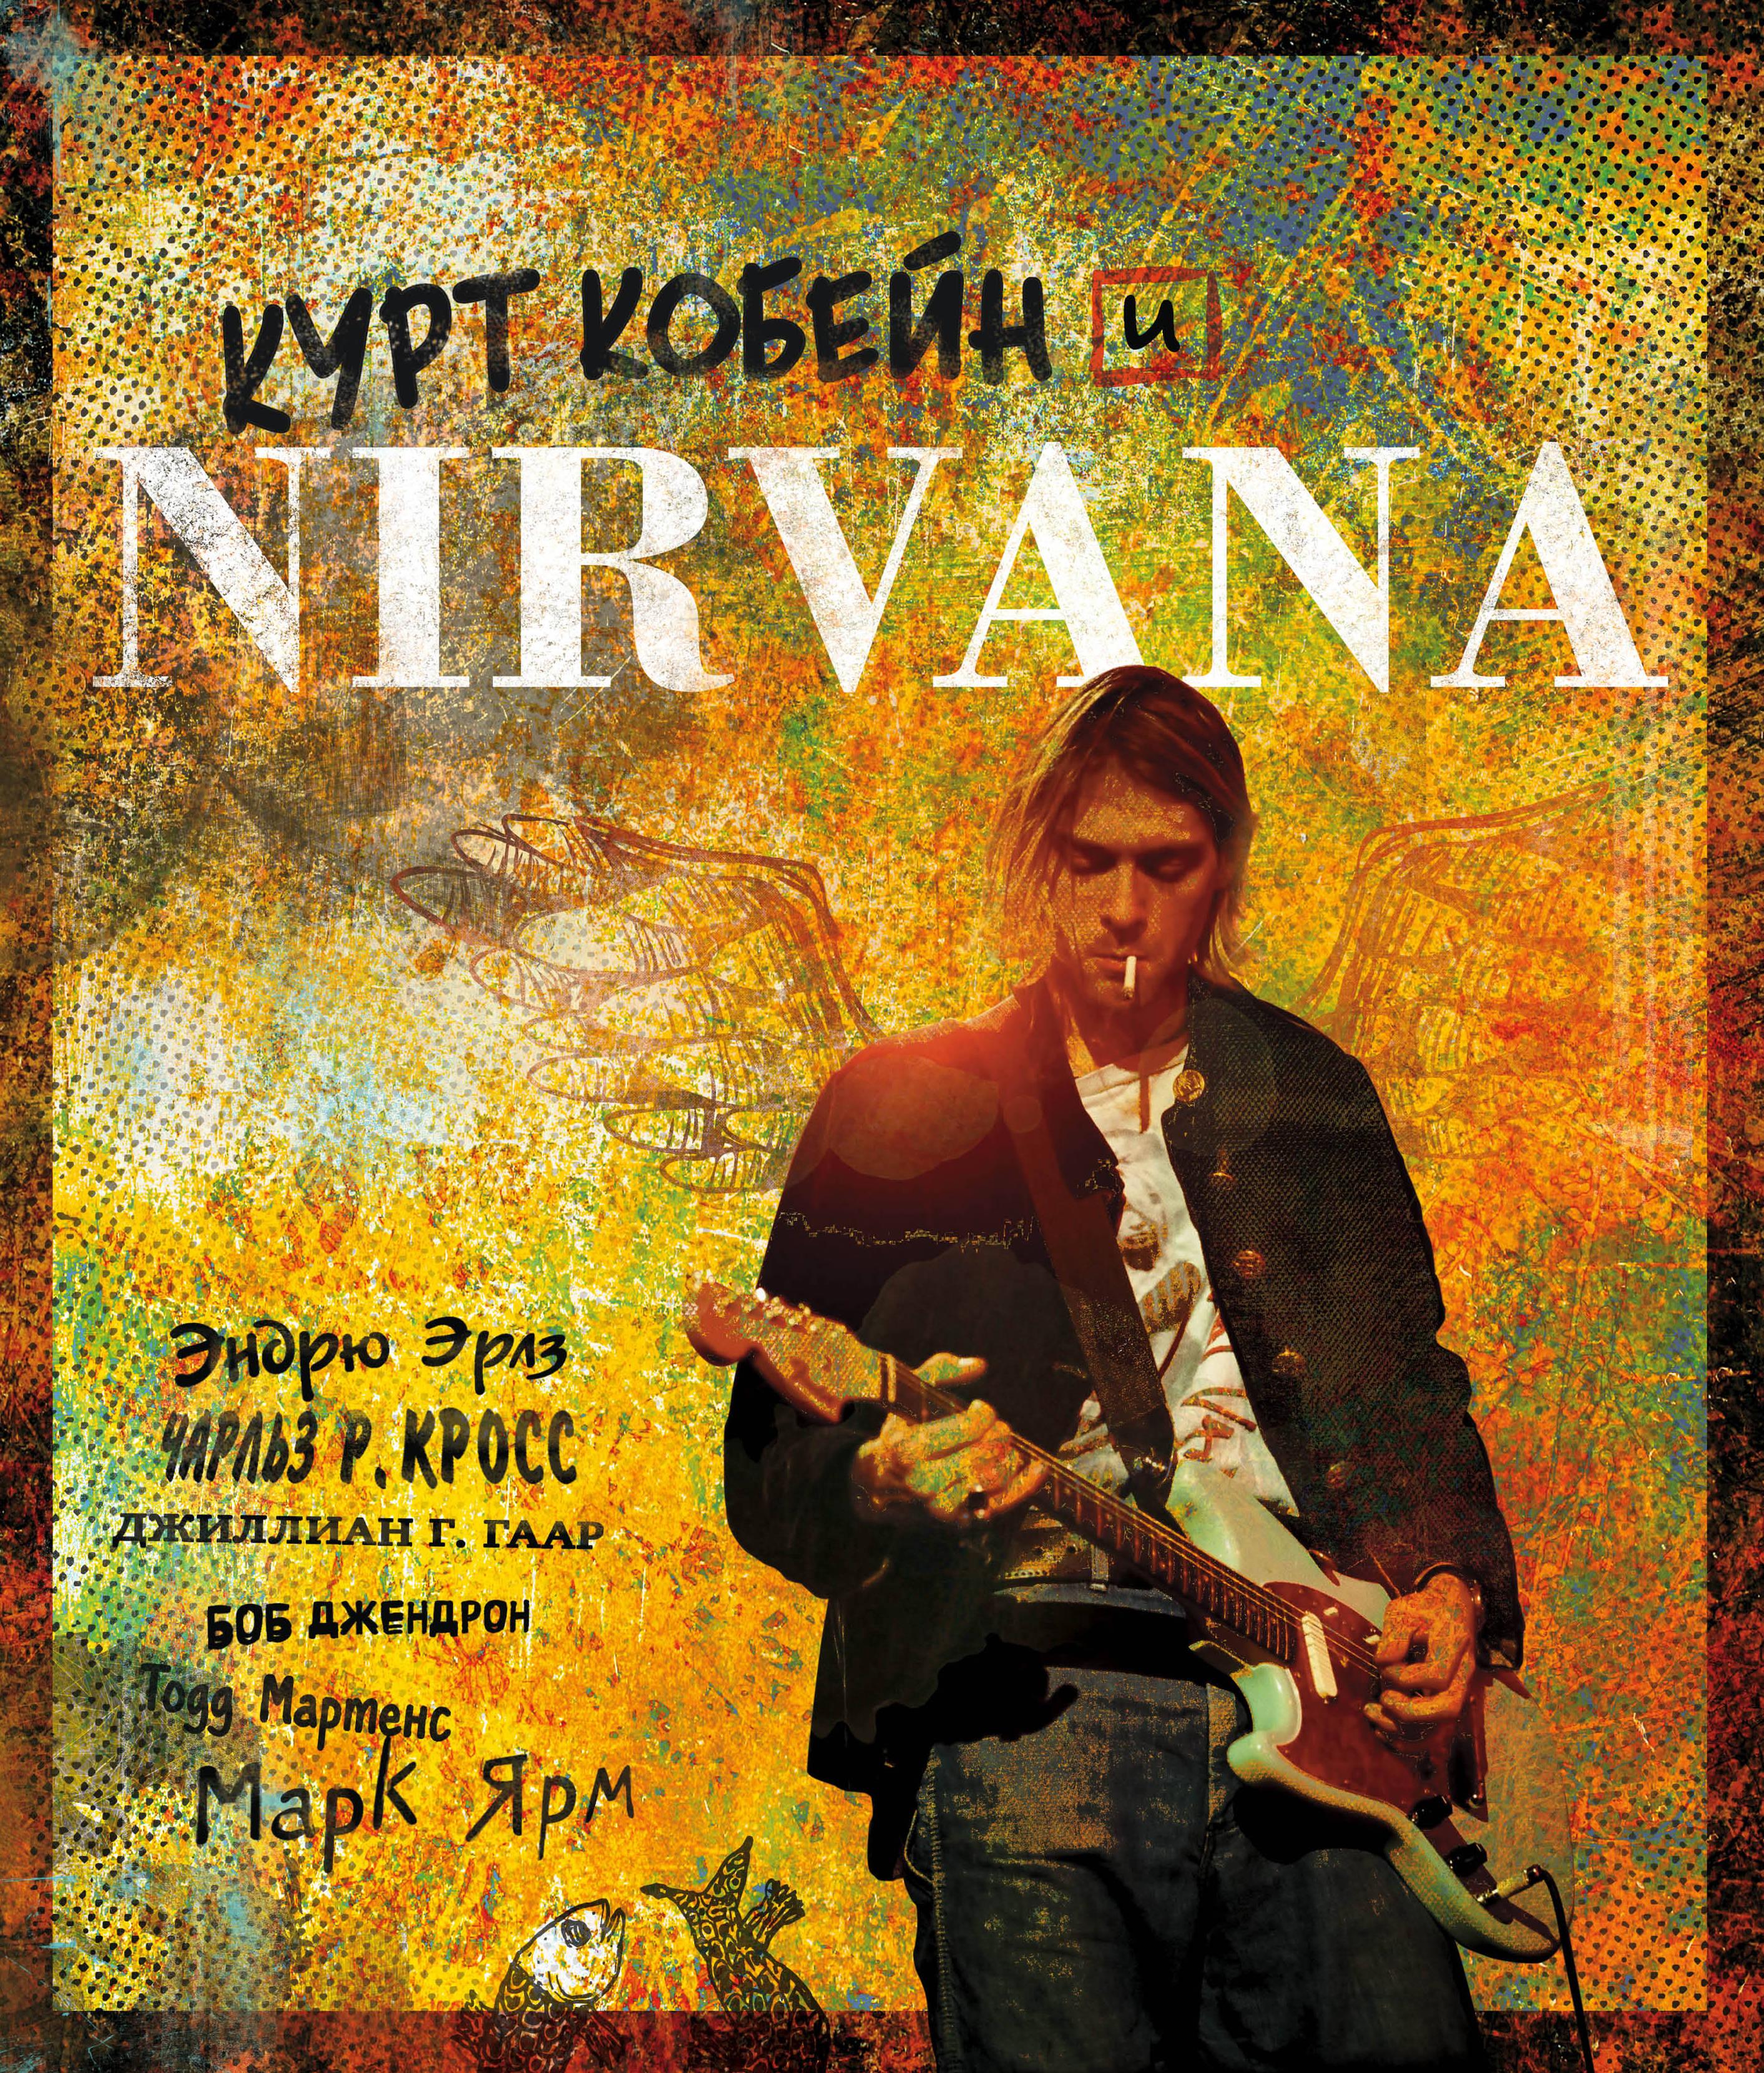 Курт Кобейн и Nirvana. Иллюстрированная история группы гурьев сергей геннадьевич звуки му иллюстрированная история группы